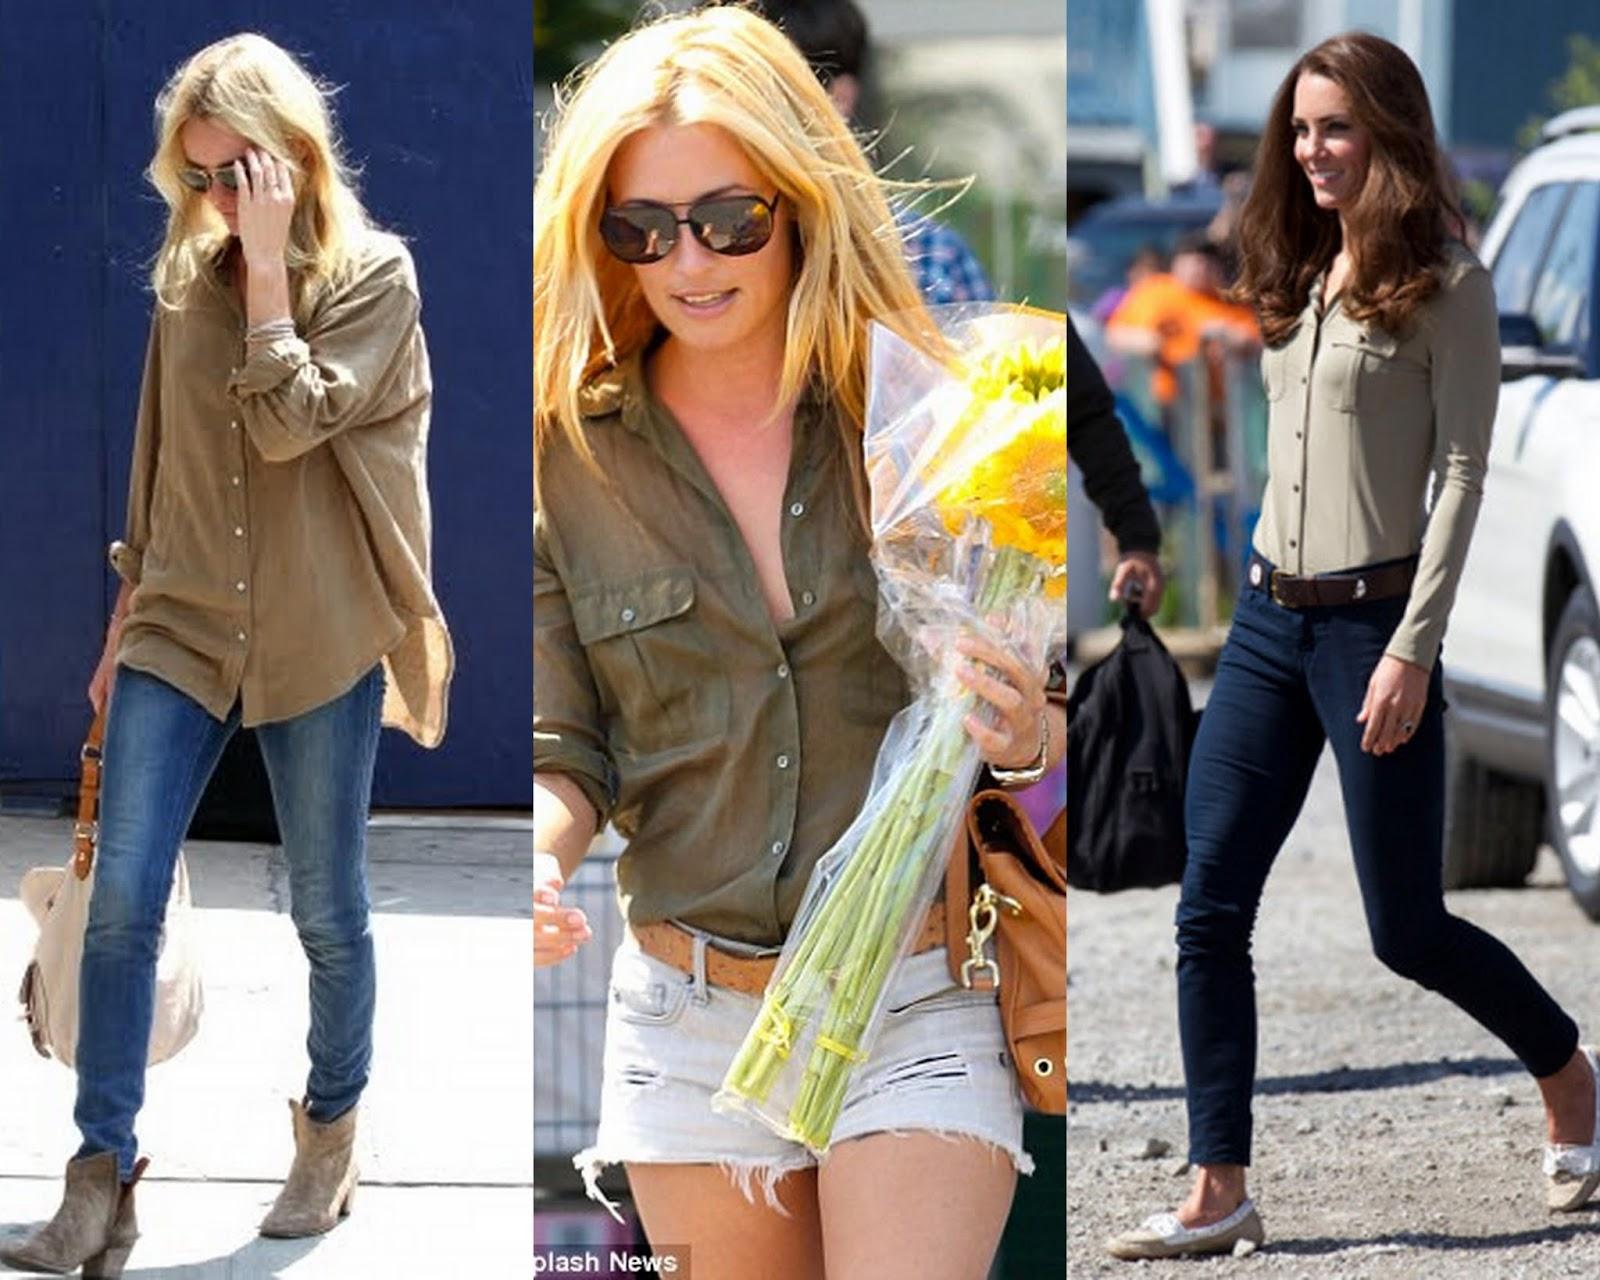 http://3.bp.blogspot.com/-eJuneaSoFfU/T9tC6Nj_RPI/AAAAAAAABfQ/d-HcZ0fMdJE/s1600/Khaki+Shirt1.jpg